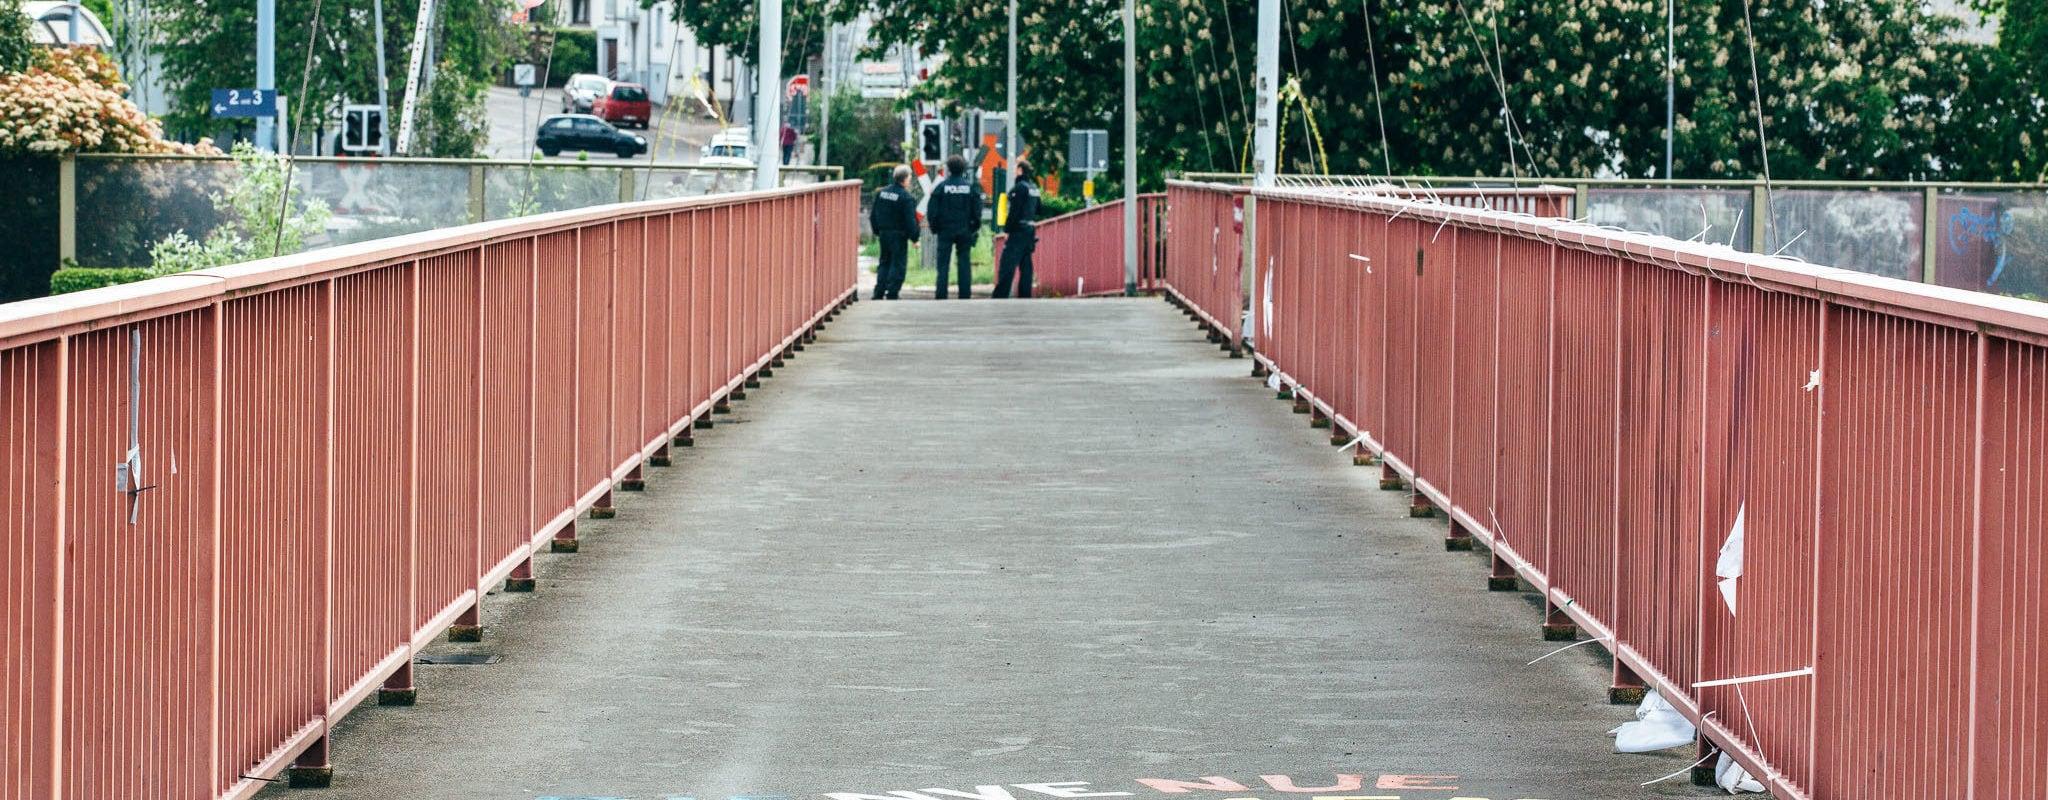 Grosbliederstroff séparée de Kleinblittersdorf, le coronavirus a fermé le «pont de l'Amitié»